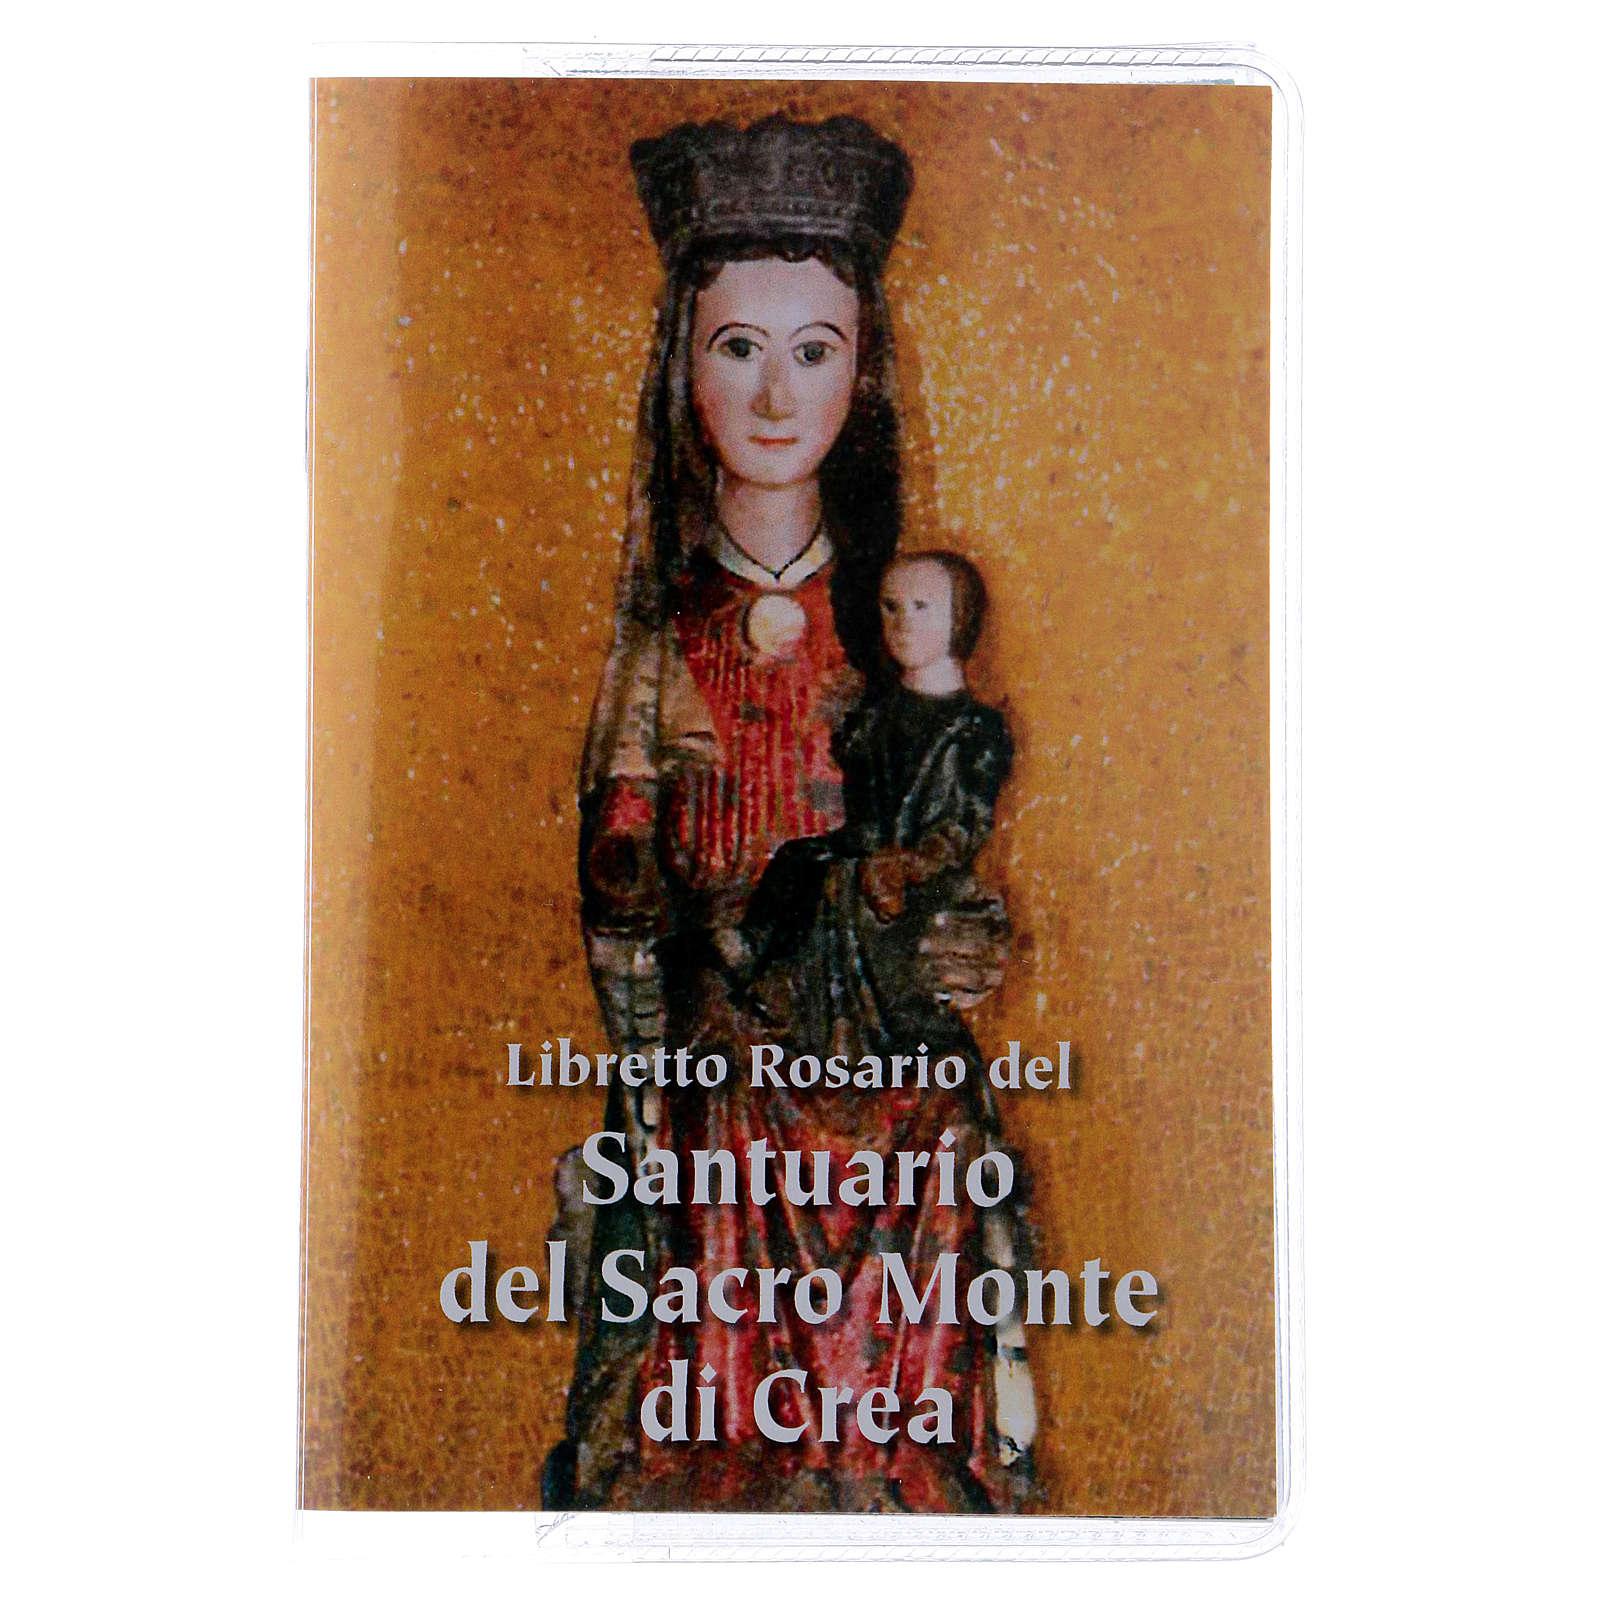 Libretto rosario Santuario del Sacro Monte di Crea ITA 4